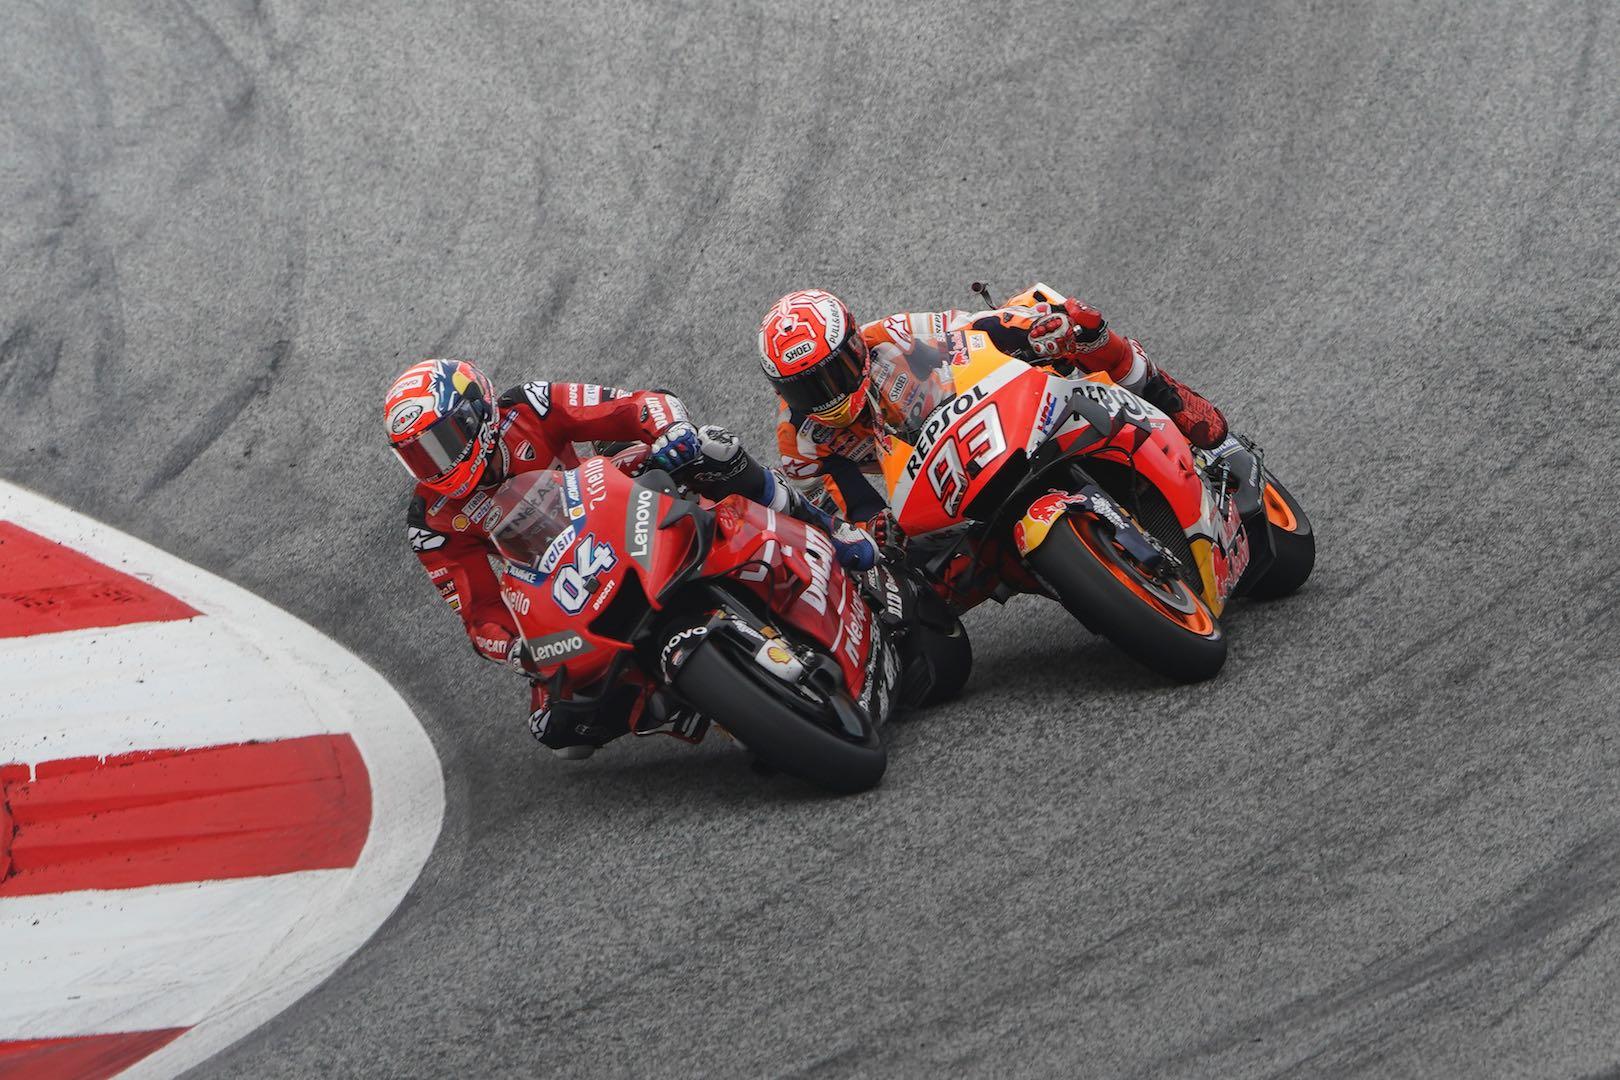 Dovi and Marquez at Austrian MotoGP